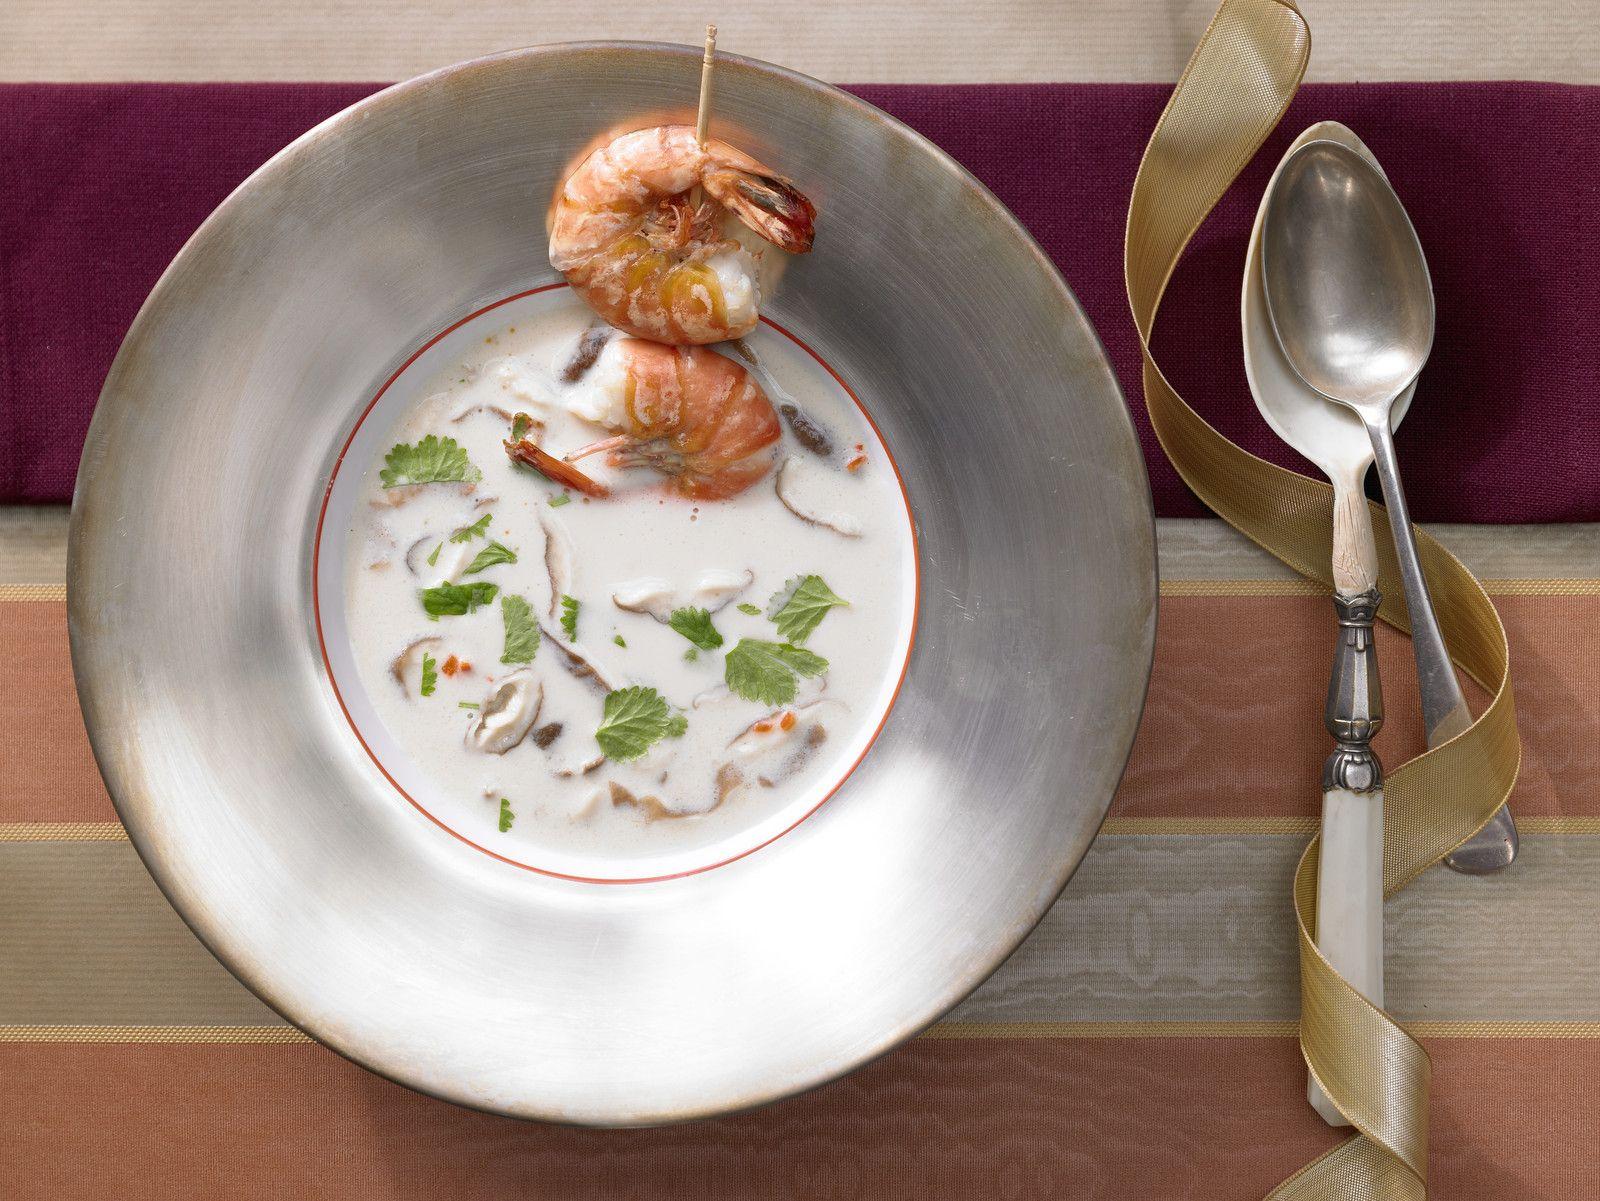 Kochbuch: Vorspeisen zu Weihnachten   EAT SMARTER